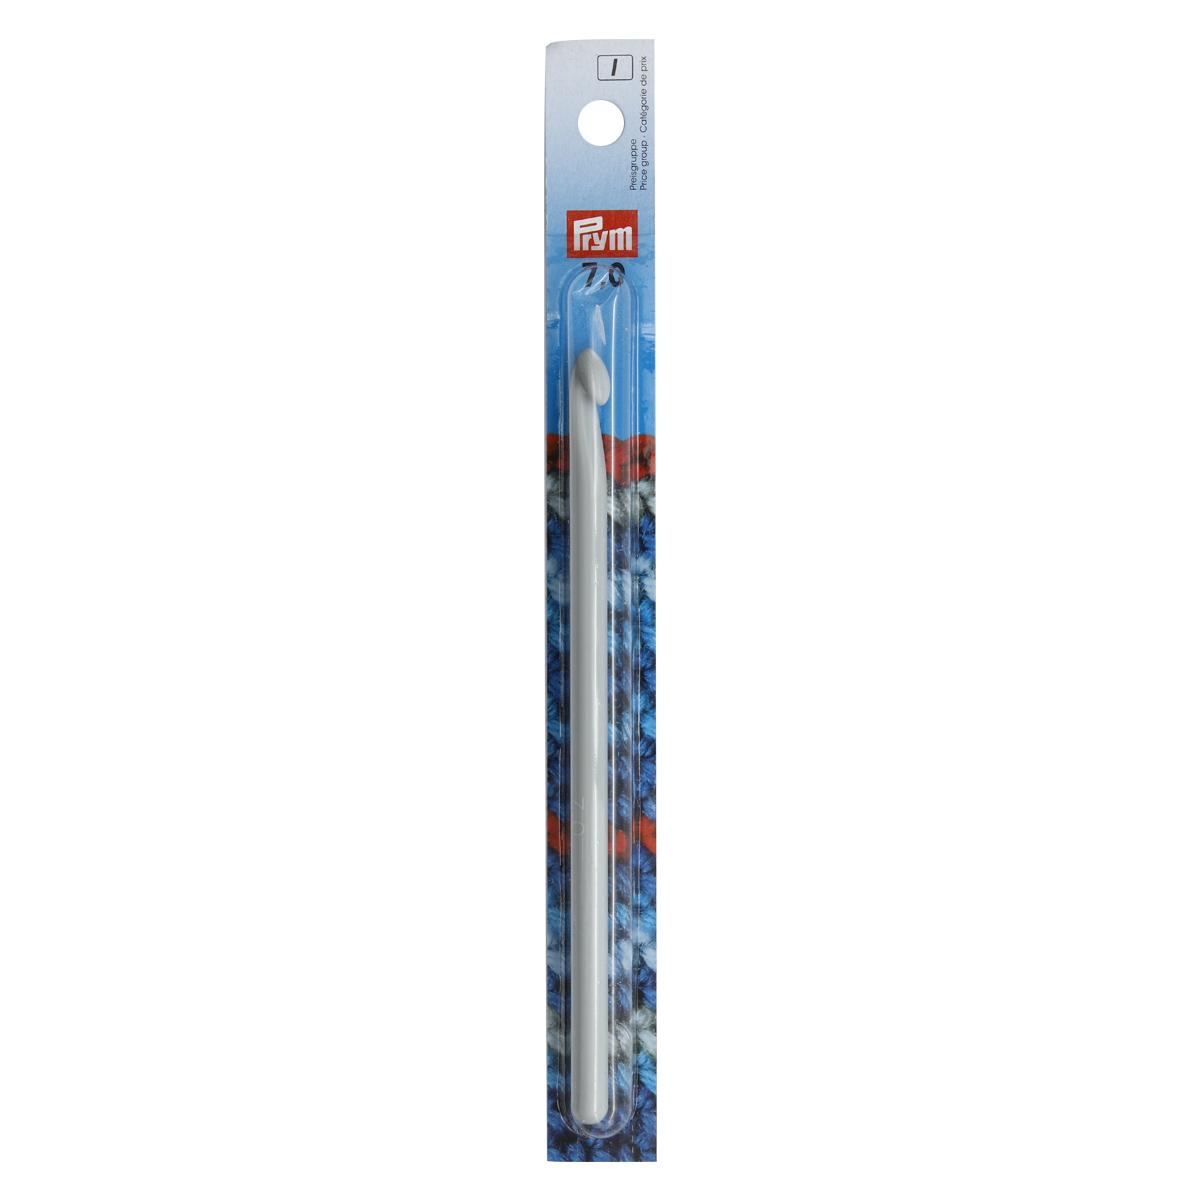 218500 Крючок для вязания, пластик, 7 мм*14 см, Prym